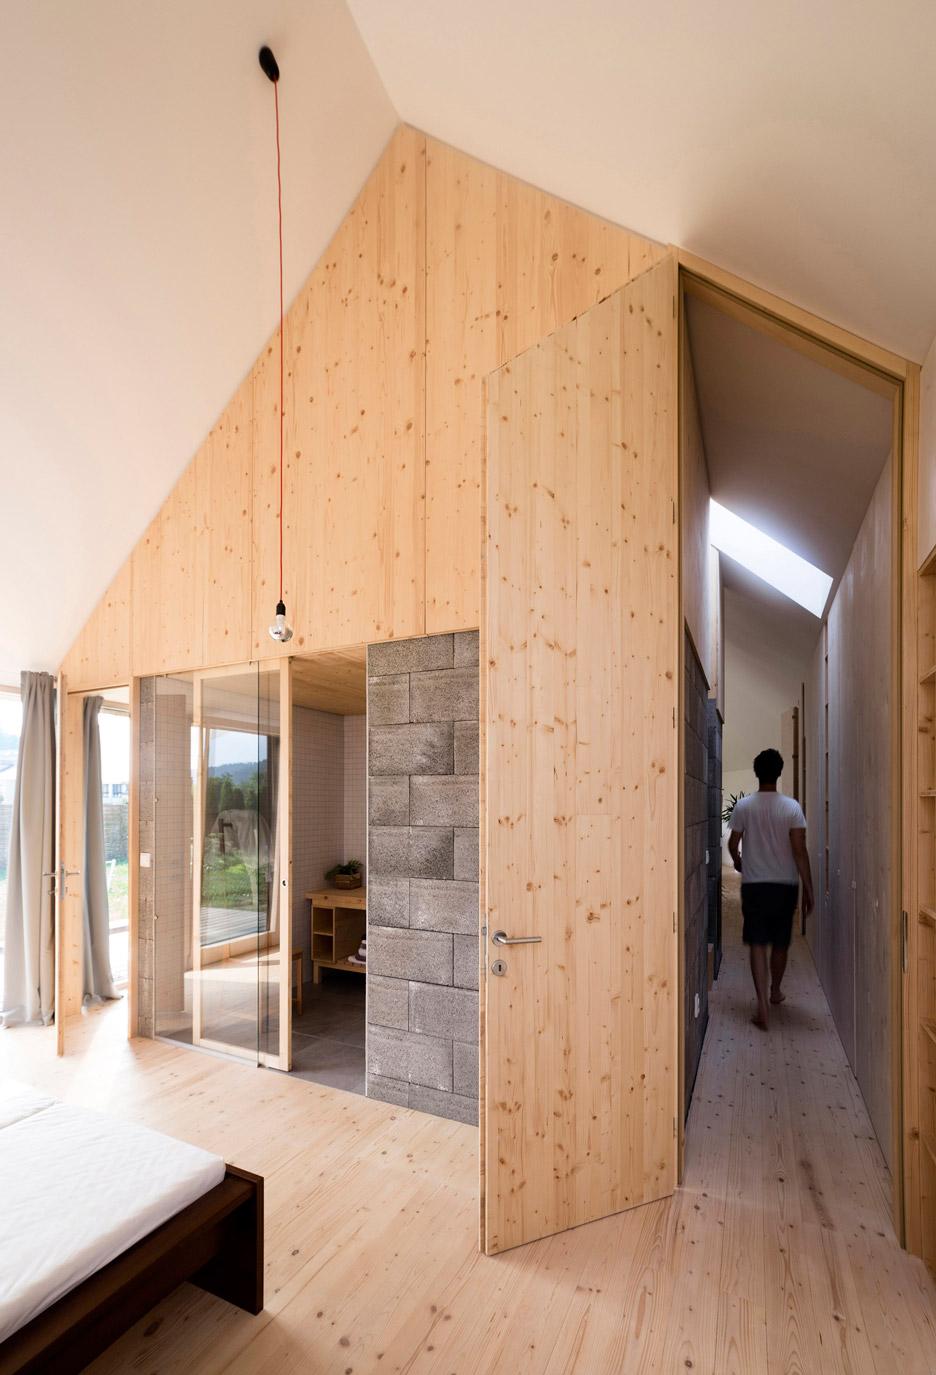 DomT house in Slovakia by Martin Boles